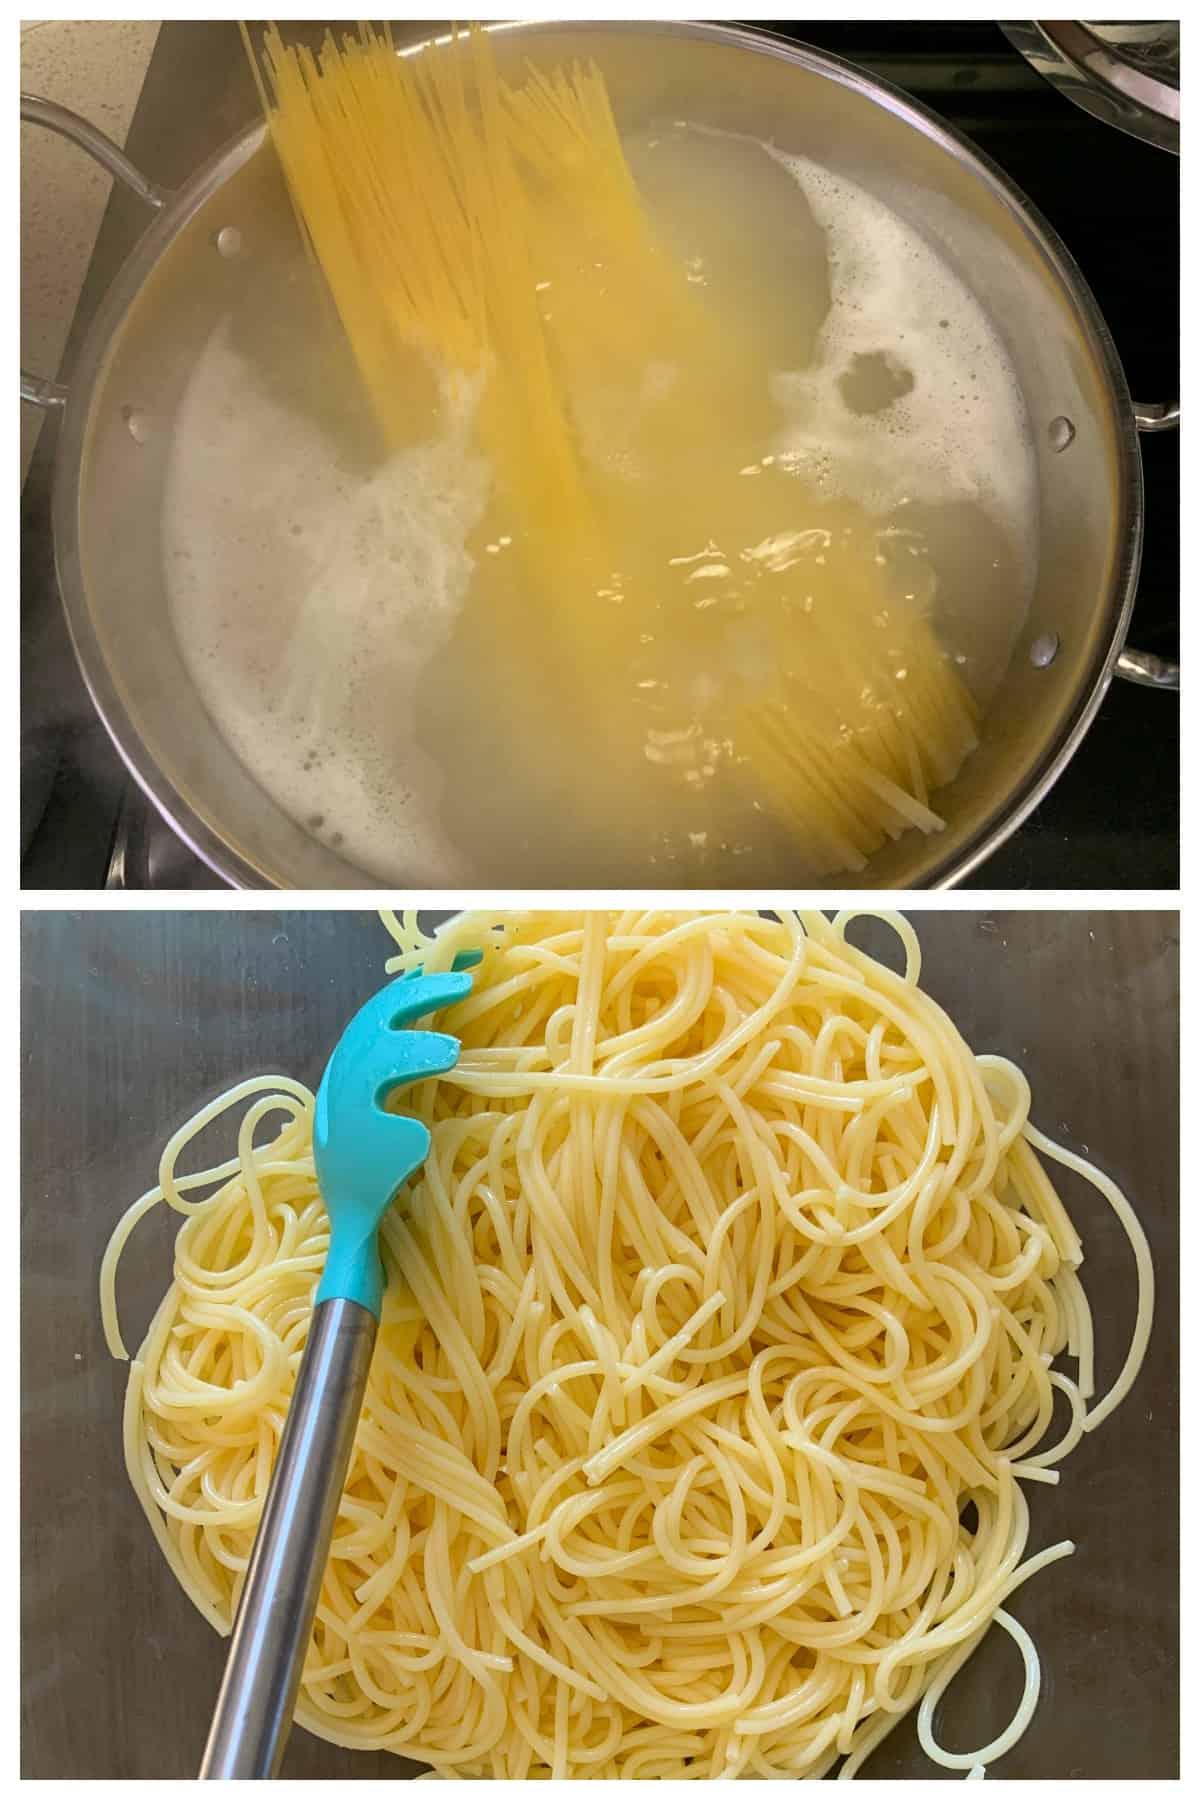 Gluten-free spaghetti cooked al dente